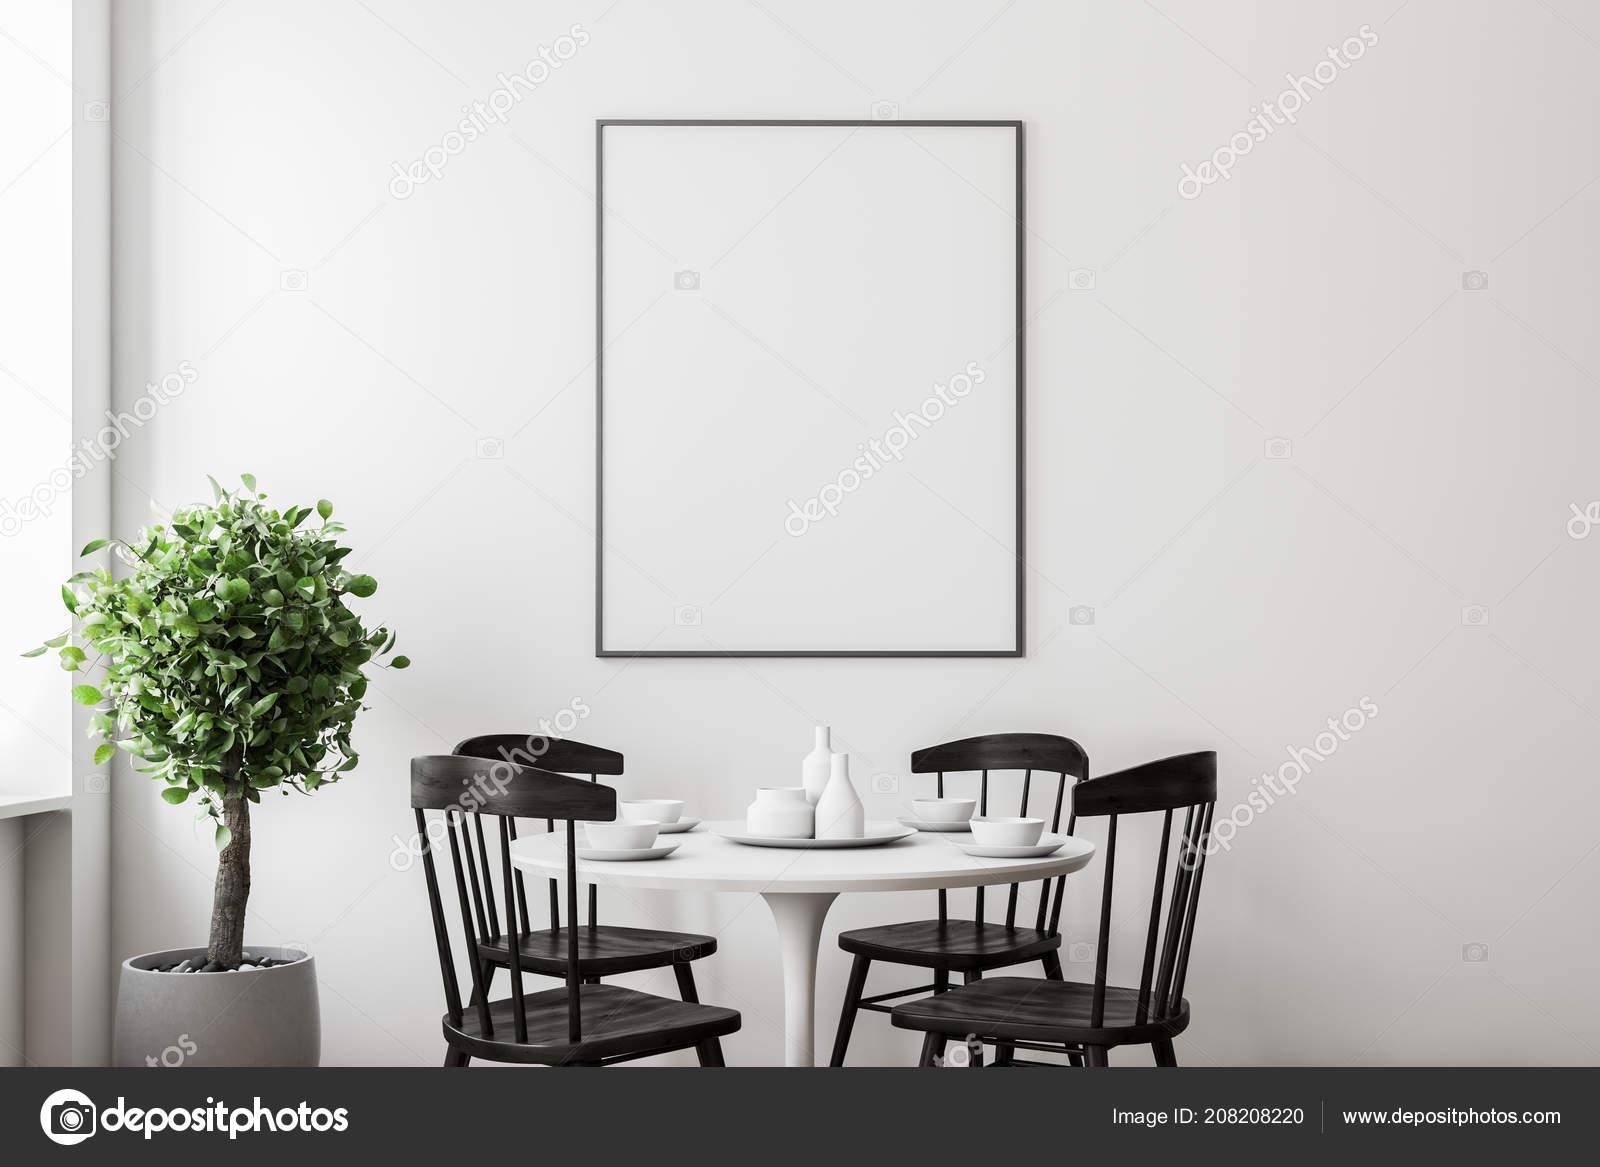 Salle Manger Moderne Intérieur Aux Murs Blancs Une Table ...